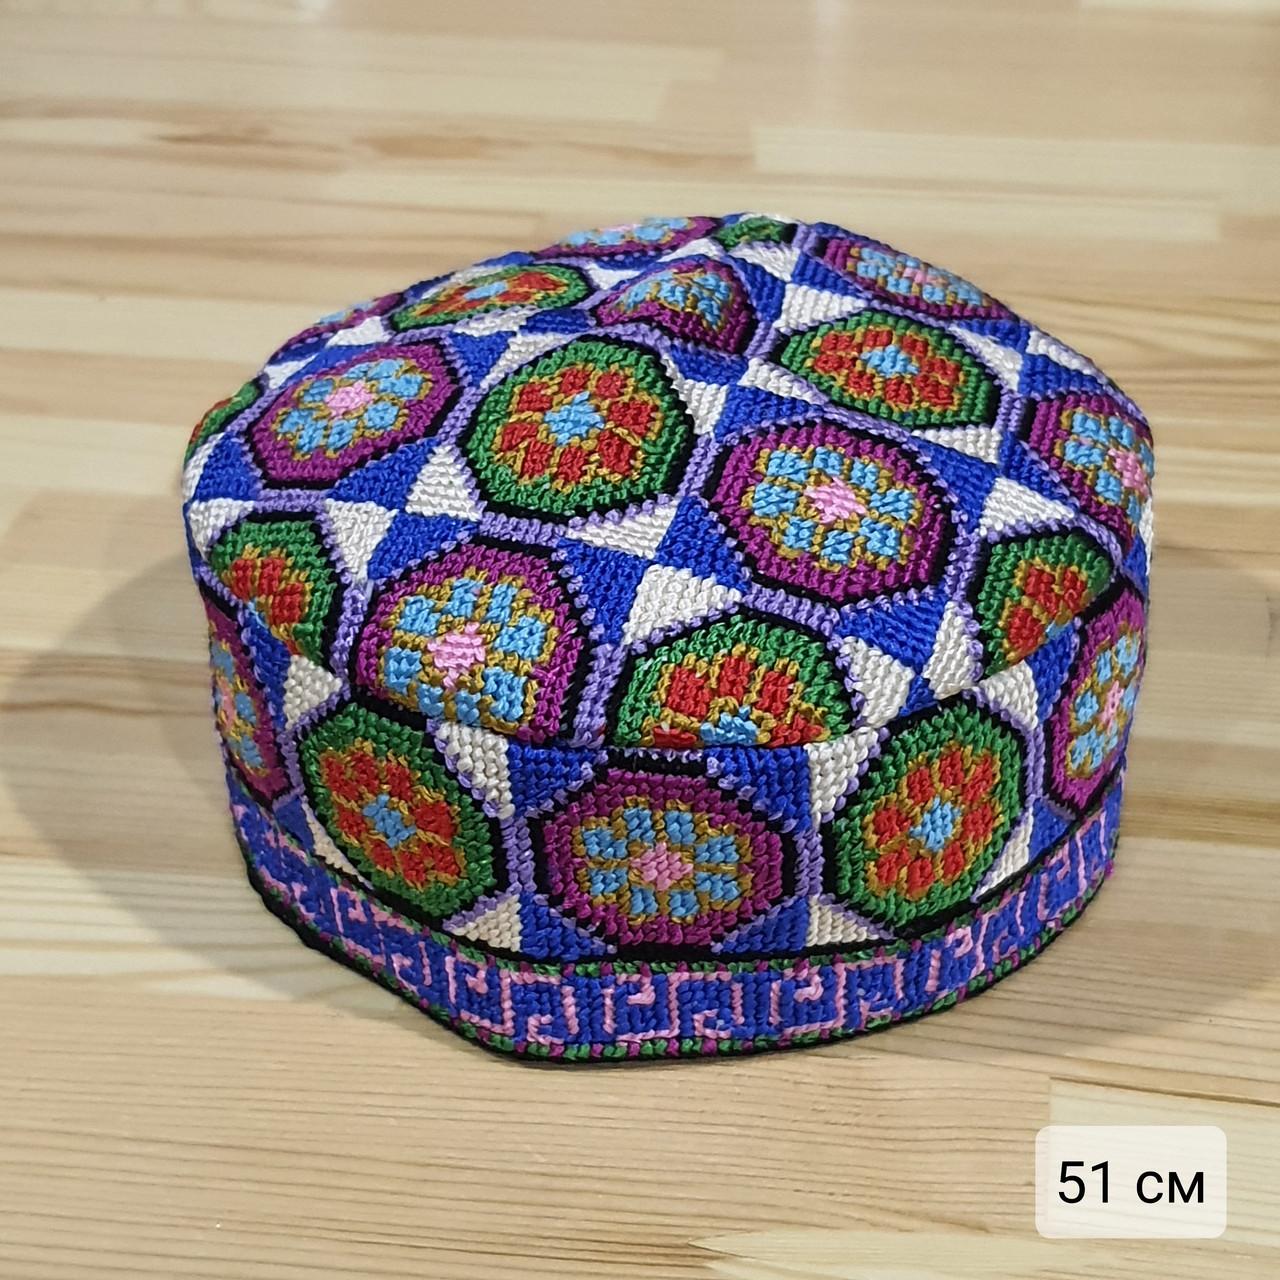 Узбекская тюбетейка 51 см. Ручная вышивка. Узбекистан (51_3)